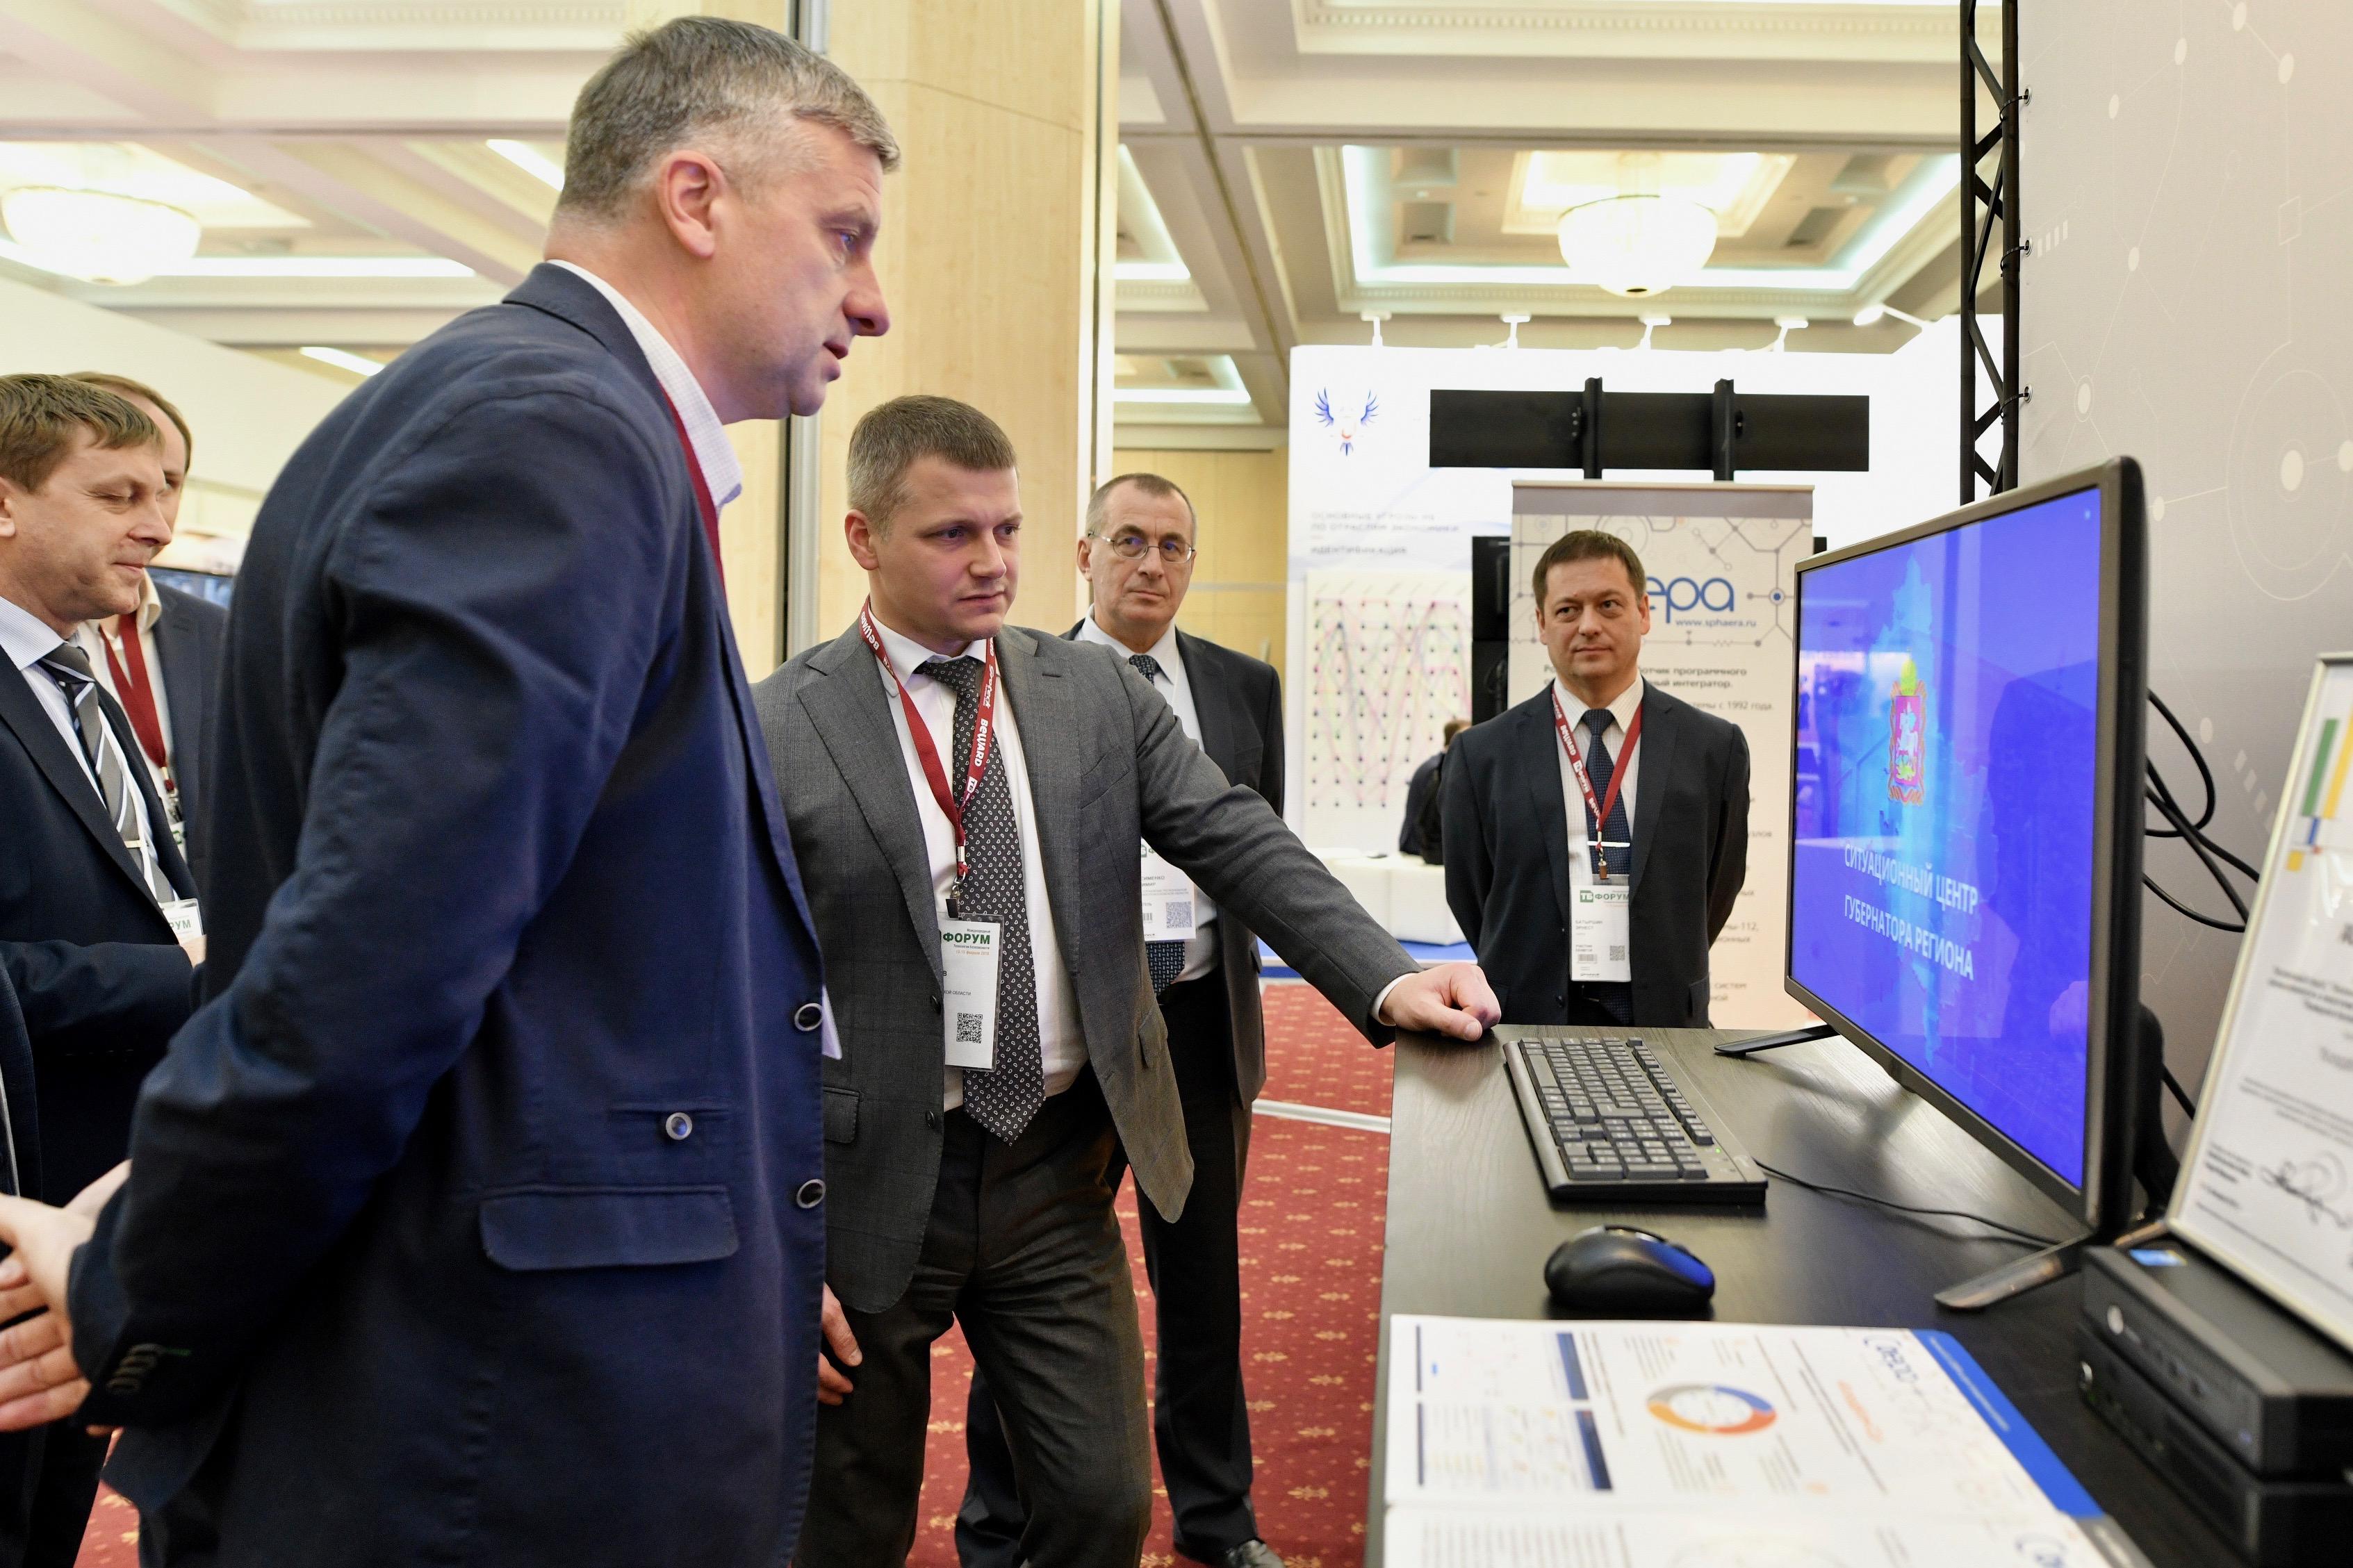 Технологии для городской безопасности – в центре внимания на встрече заказчиков и производителей в павильоне